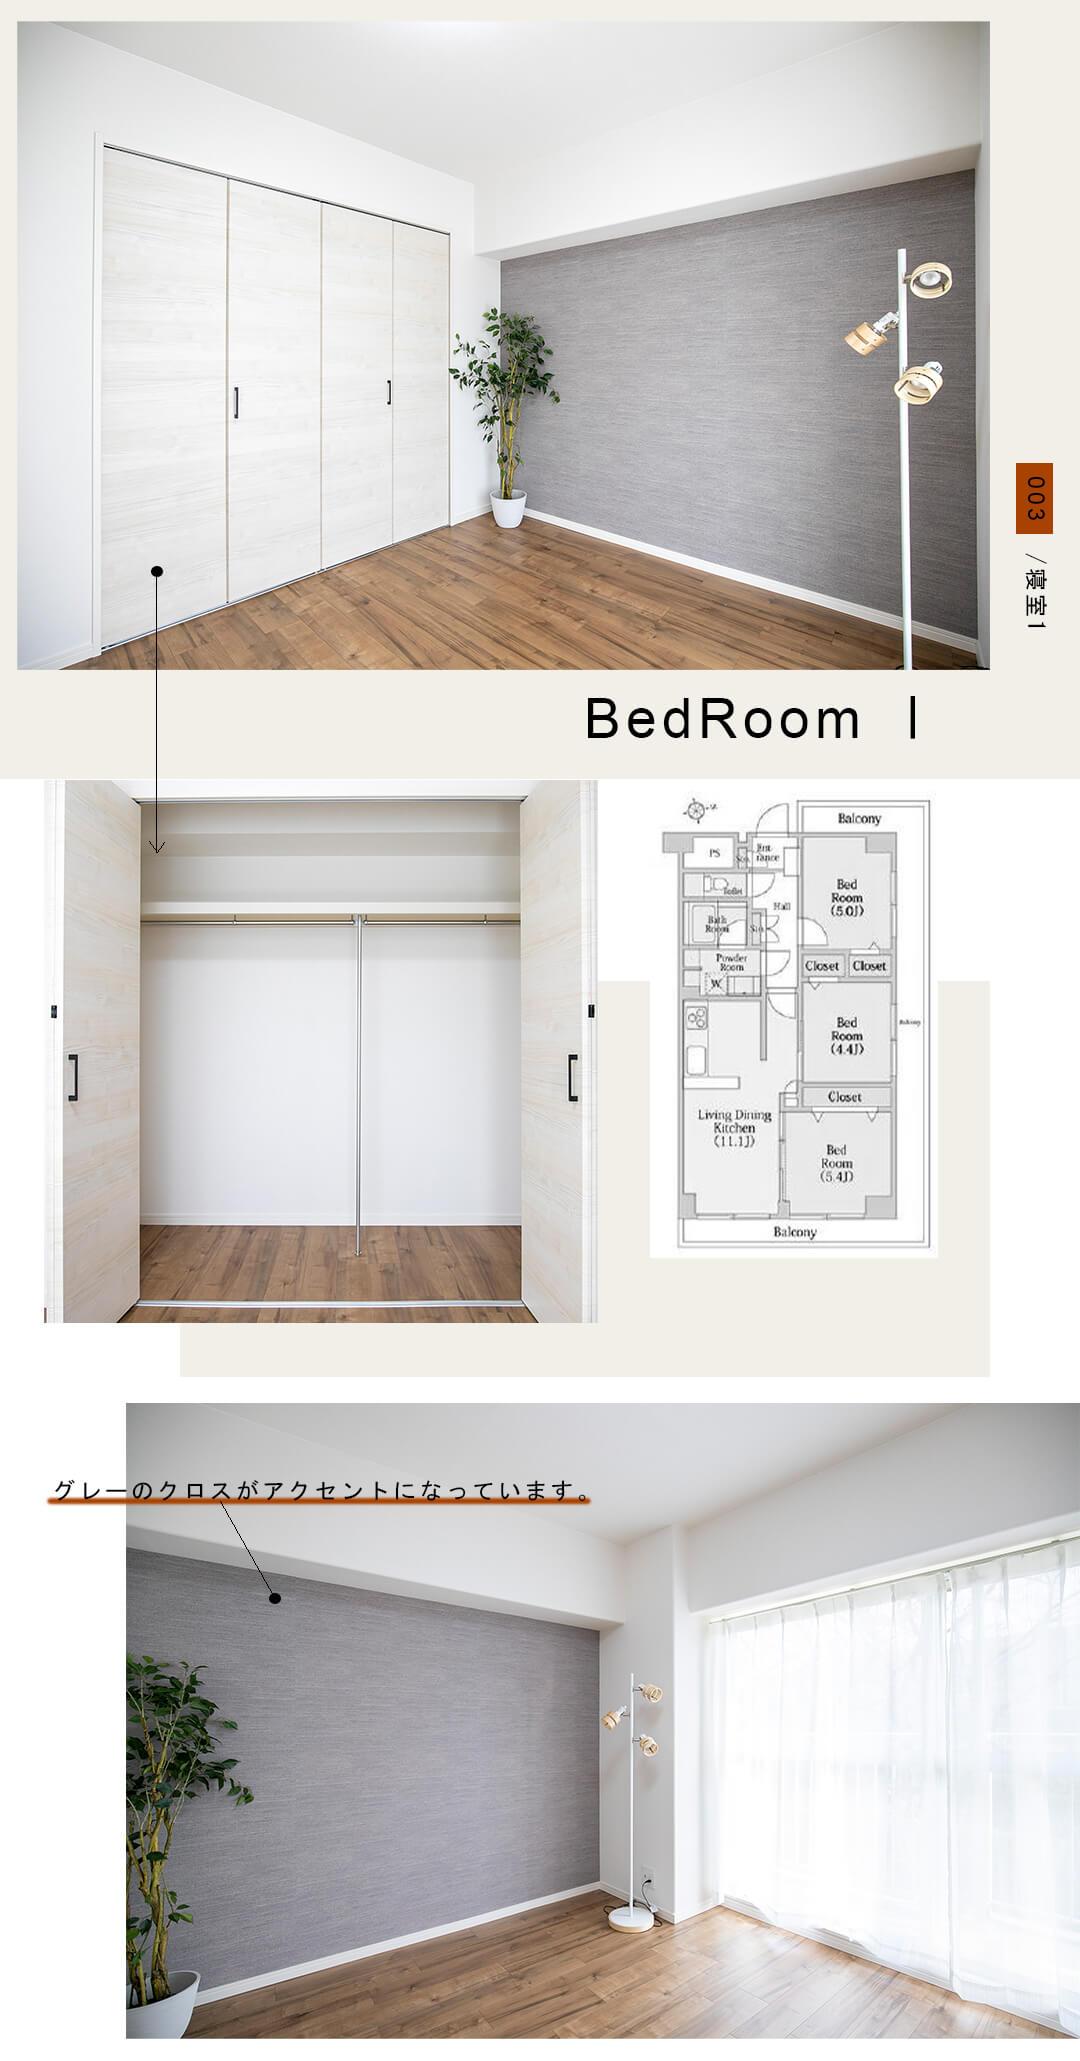 003寝室1,BedRoom Ⅰ